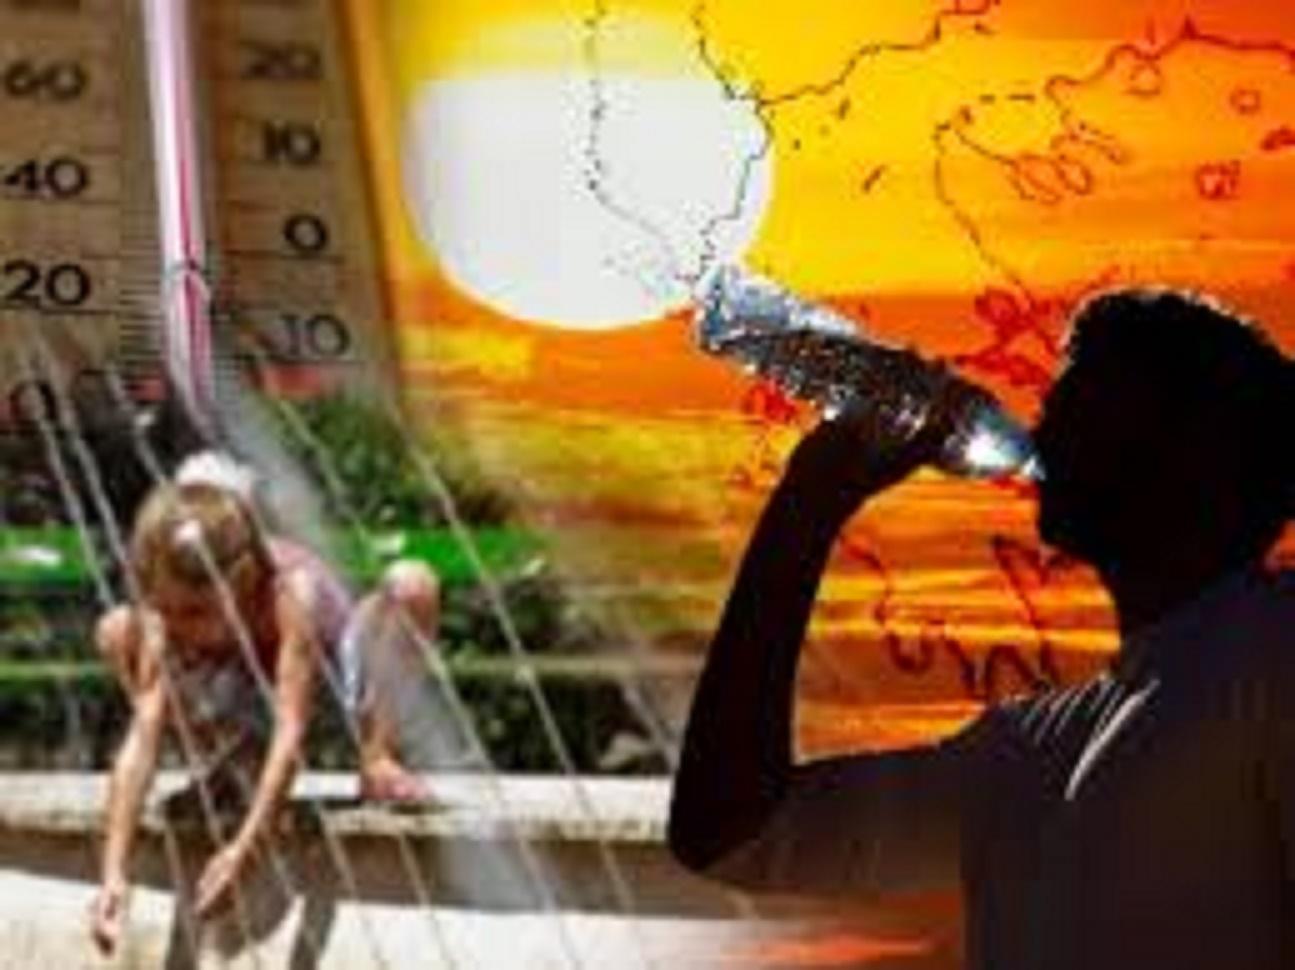 Δυτική Ελλάδα: Έκτακτο δελτίο καιρού για καύσωνα διαρκείας - Στους 40 βαθμούς ο υδράργυρος